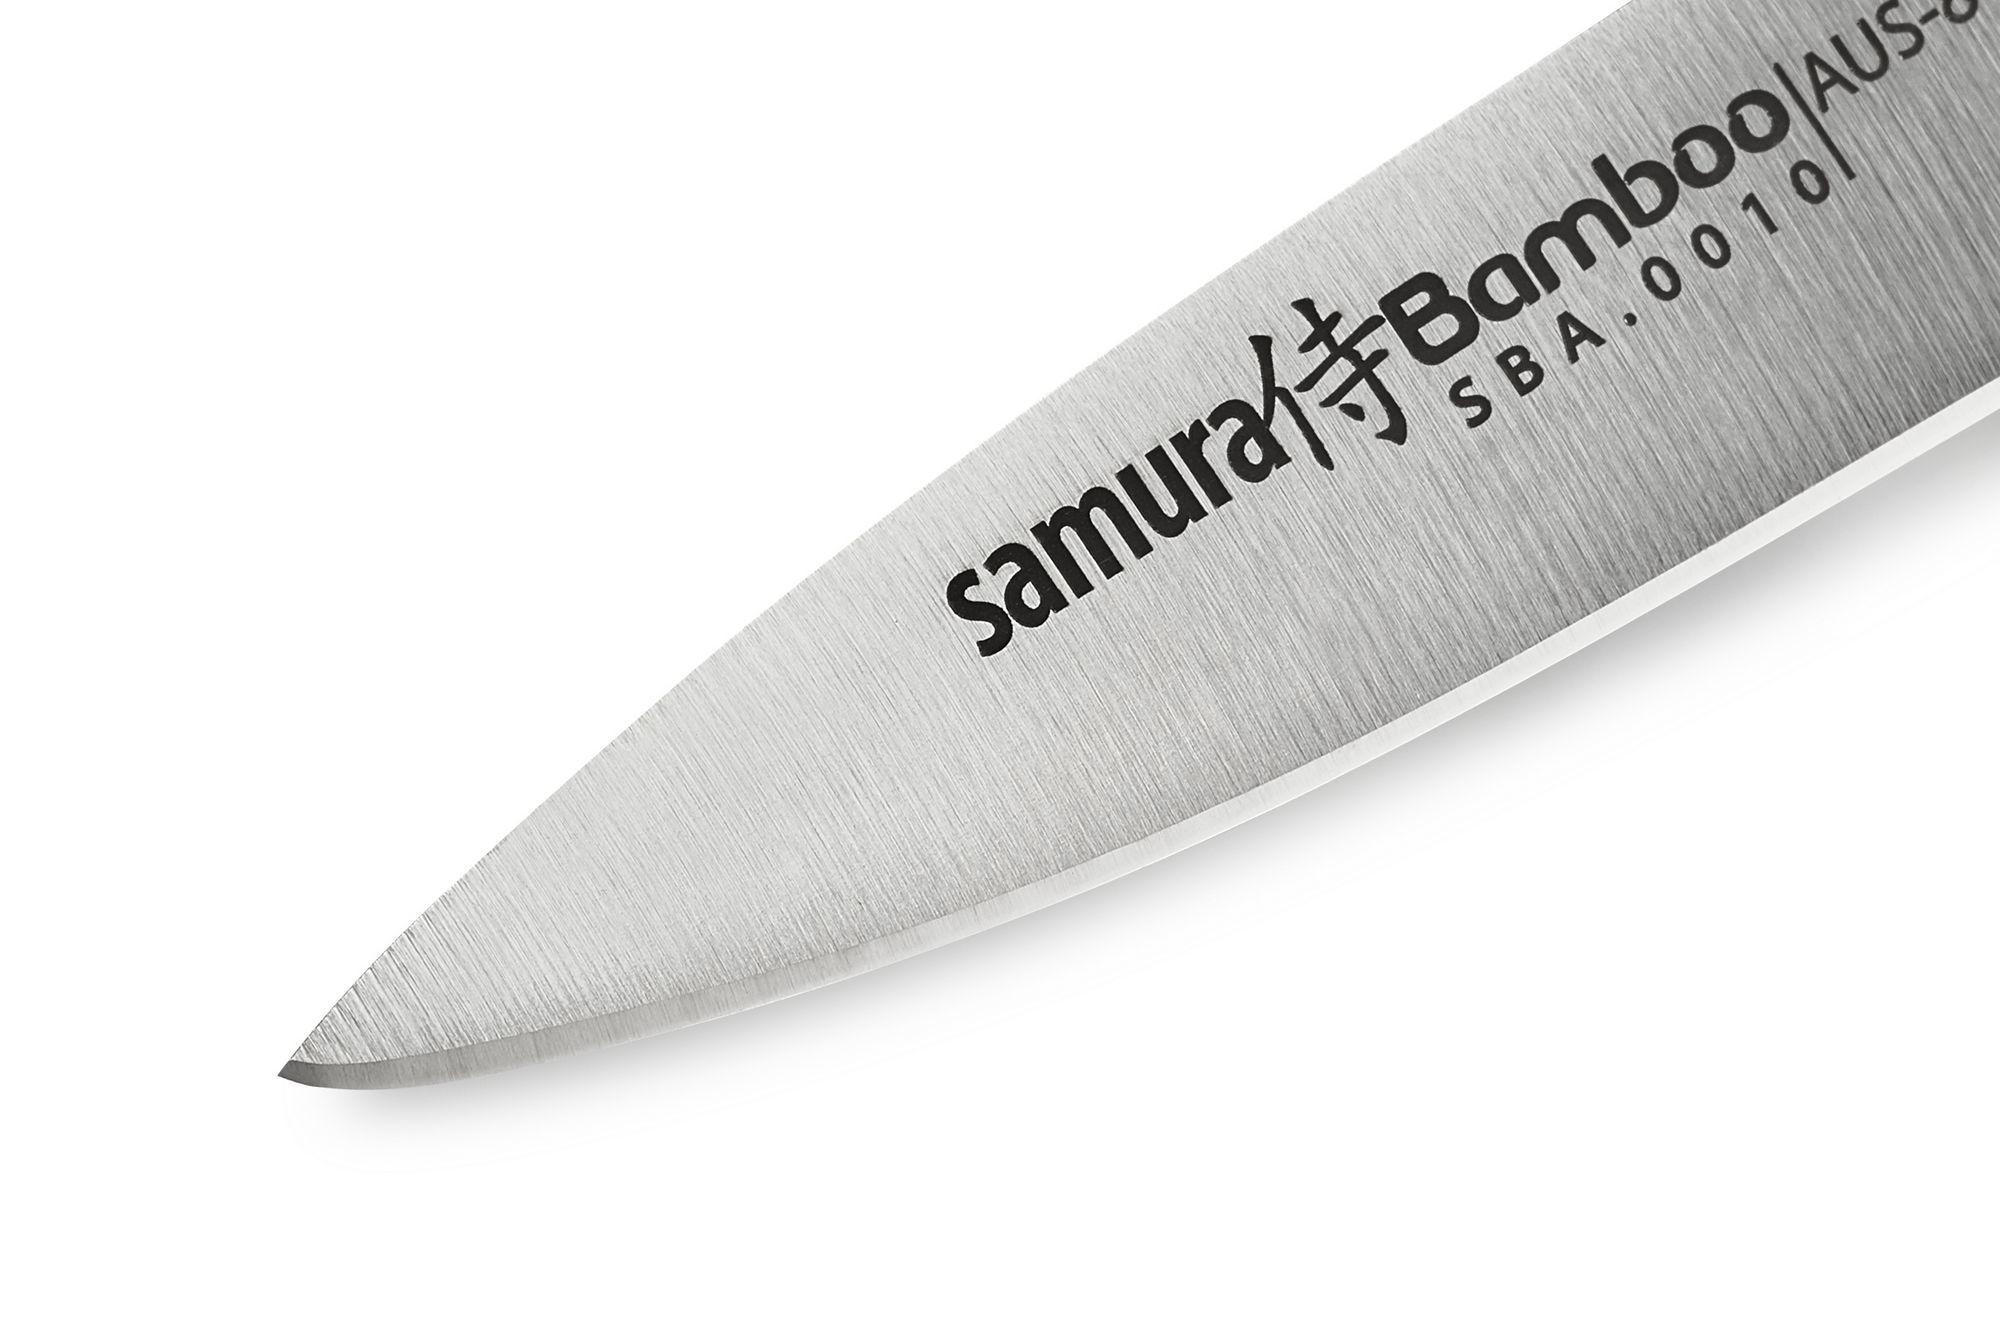 Фото 8 - Нож кухонный овощной Samura Bamboo SBA-0010/Y, сталь AUS-8